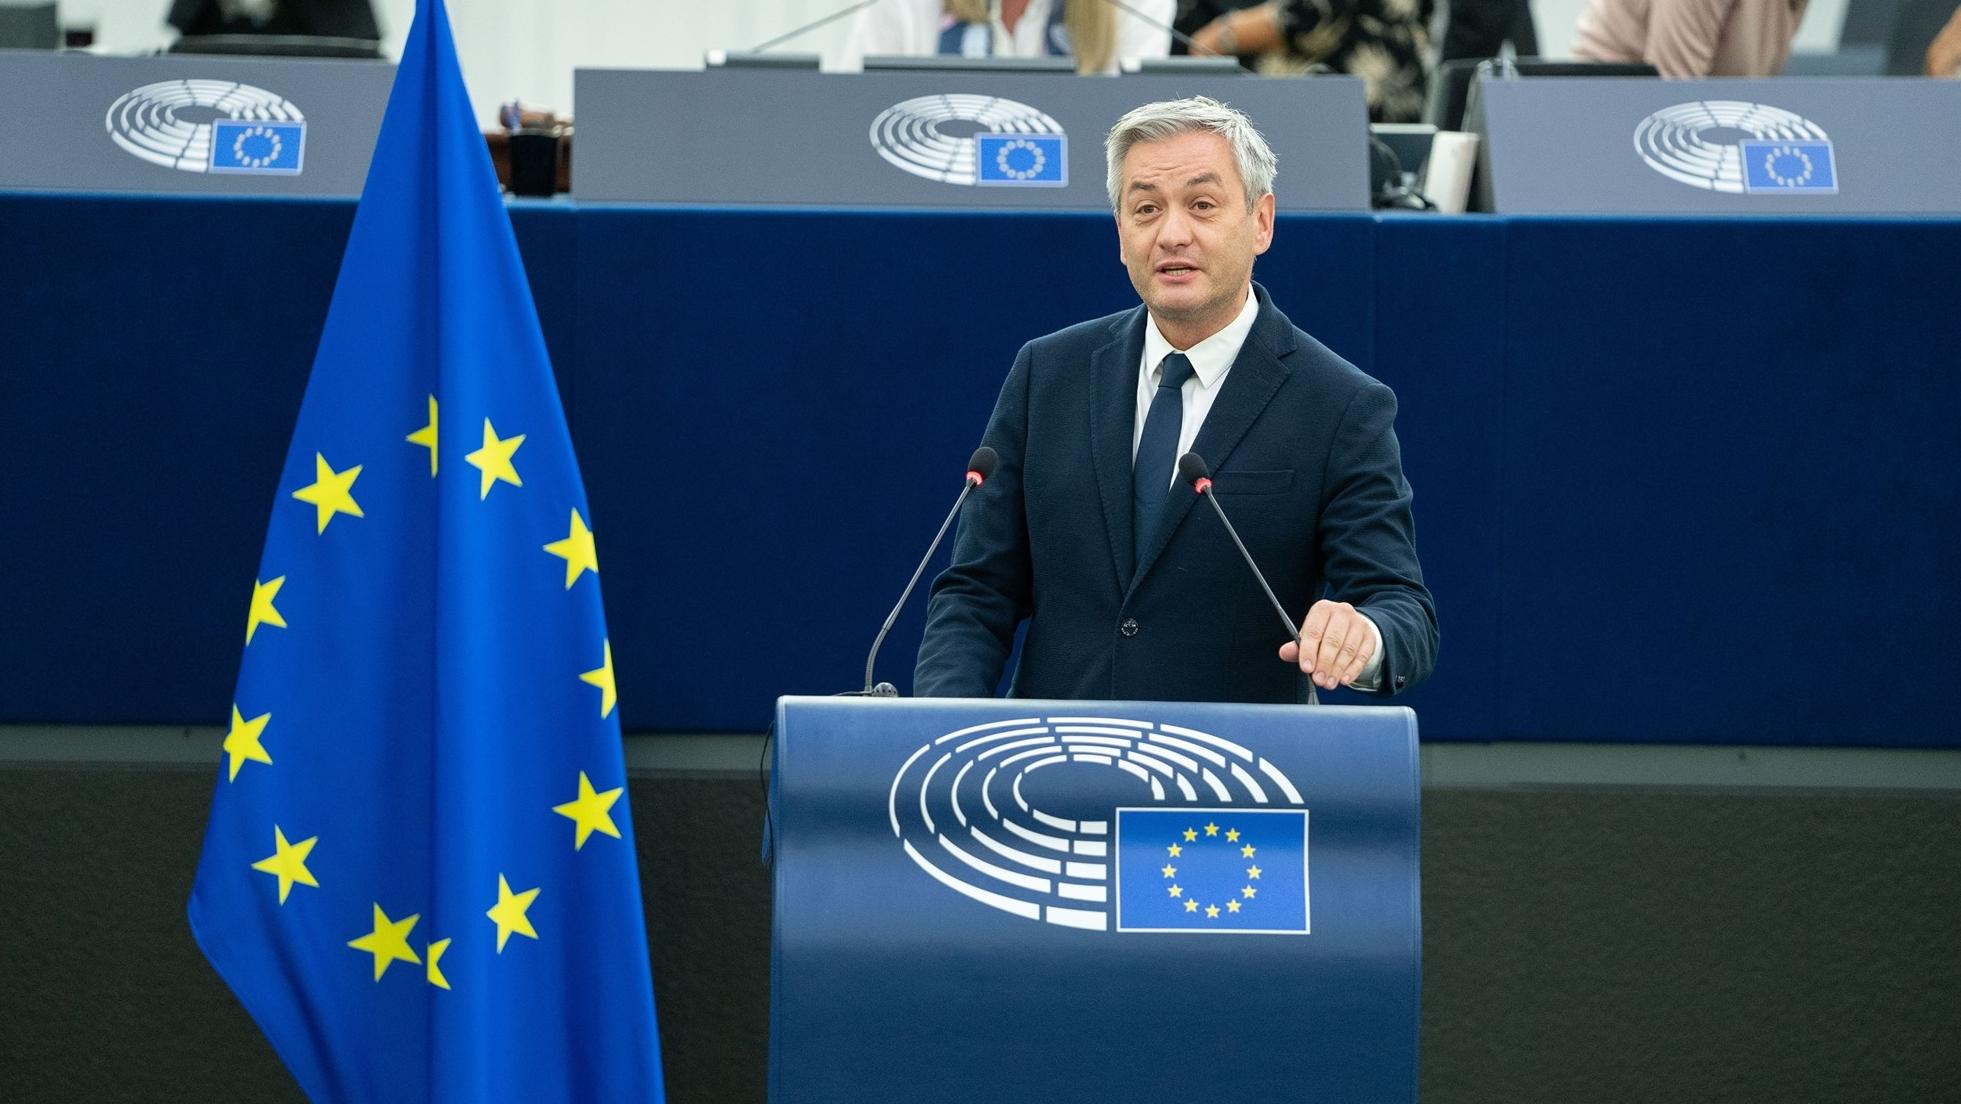 Parlament Europejski podejmie rezolucję ws. sytuacji na granicy z Białorusią. Biedroń podał datę